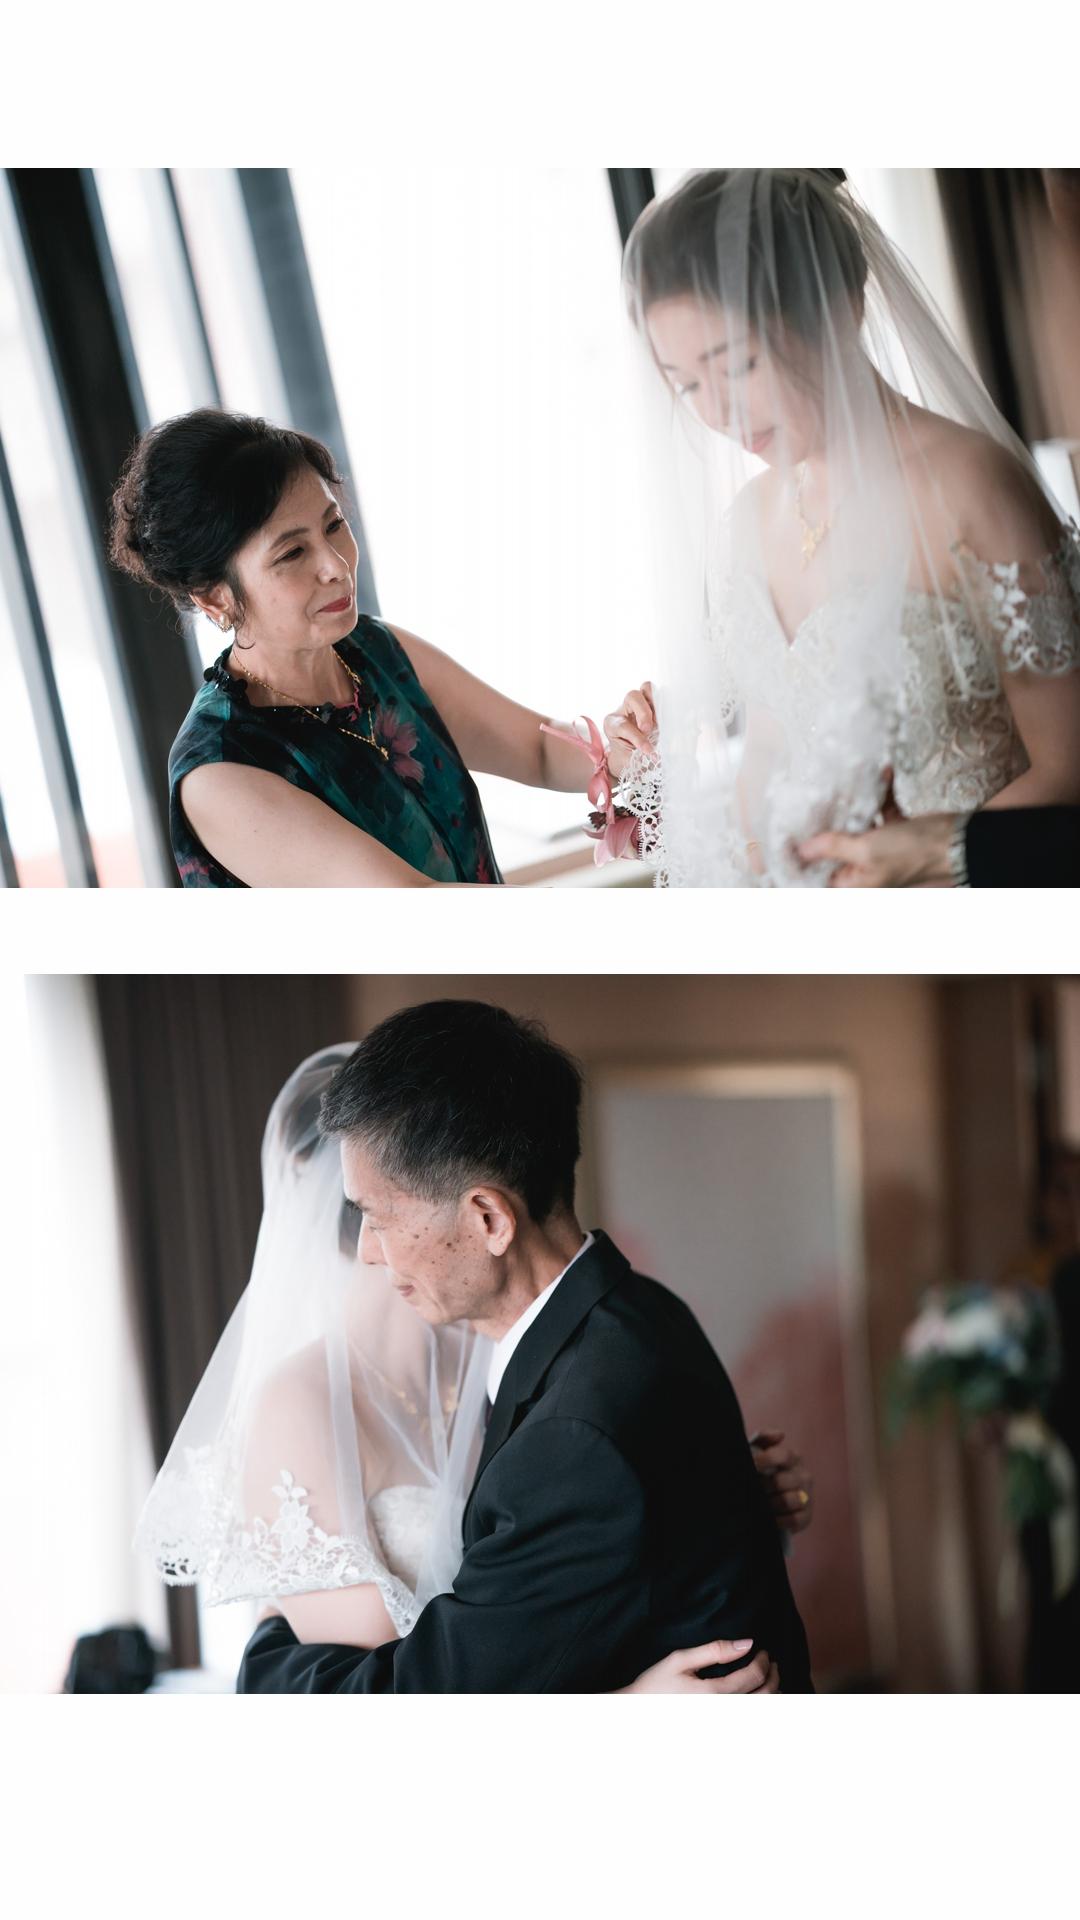 婚攝 市長官邸,婚攝,市長官邸,戶外婚禮,婚攝推薦,judy jasmine,blush film